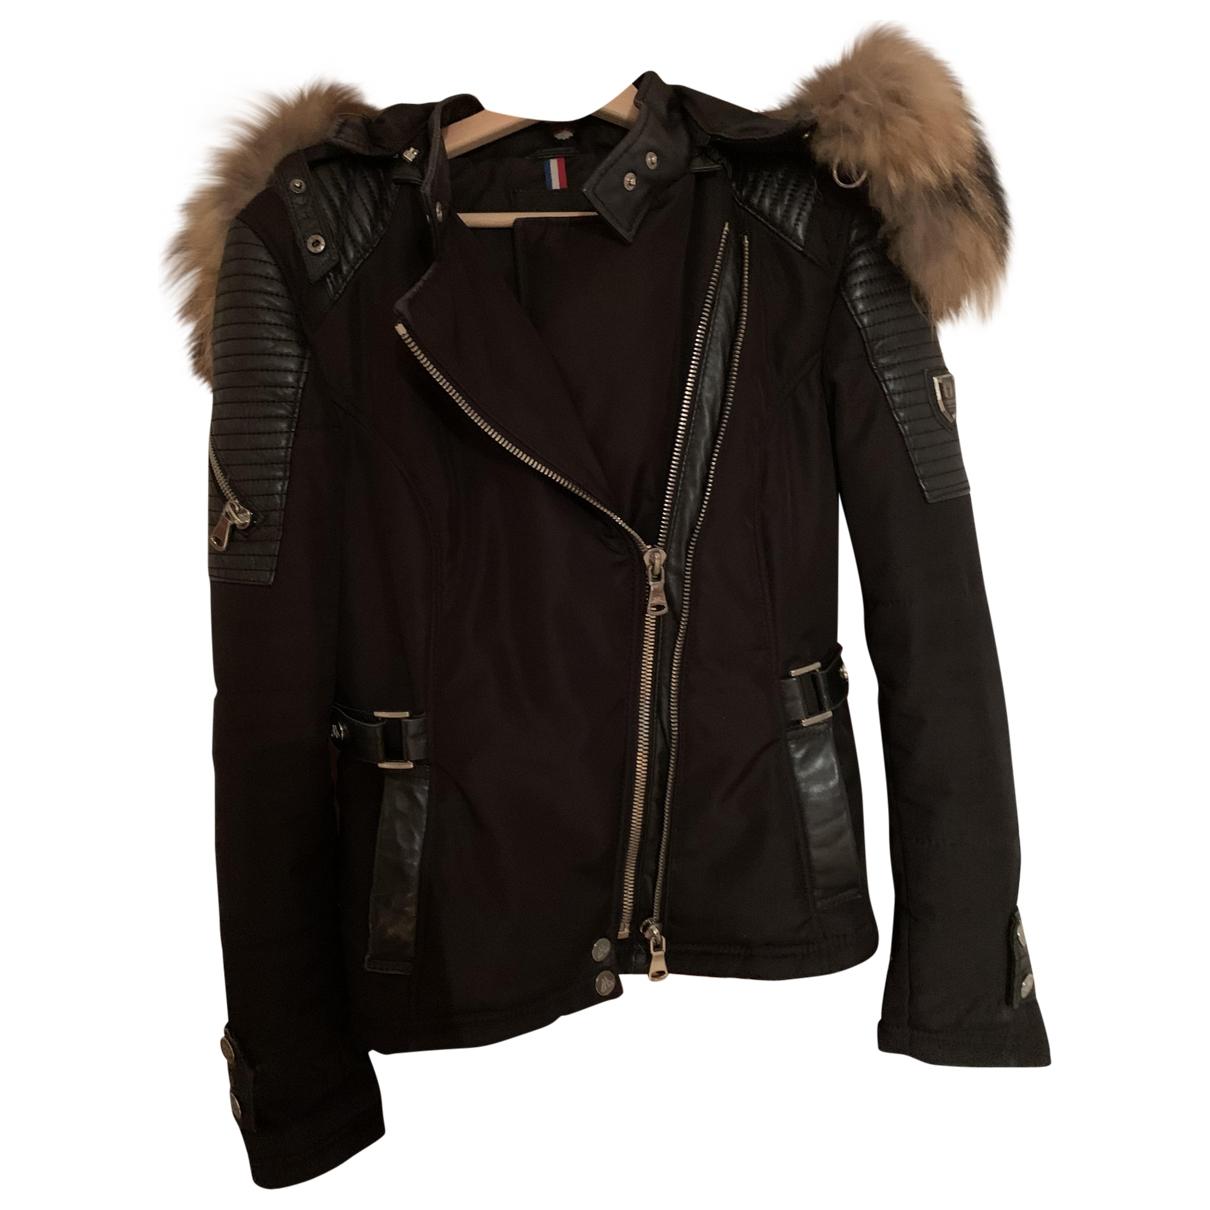 Horpist \N Black coat for Women 36 FR